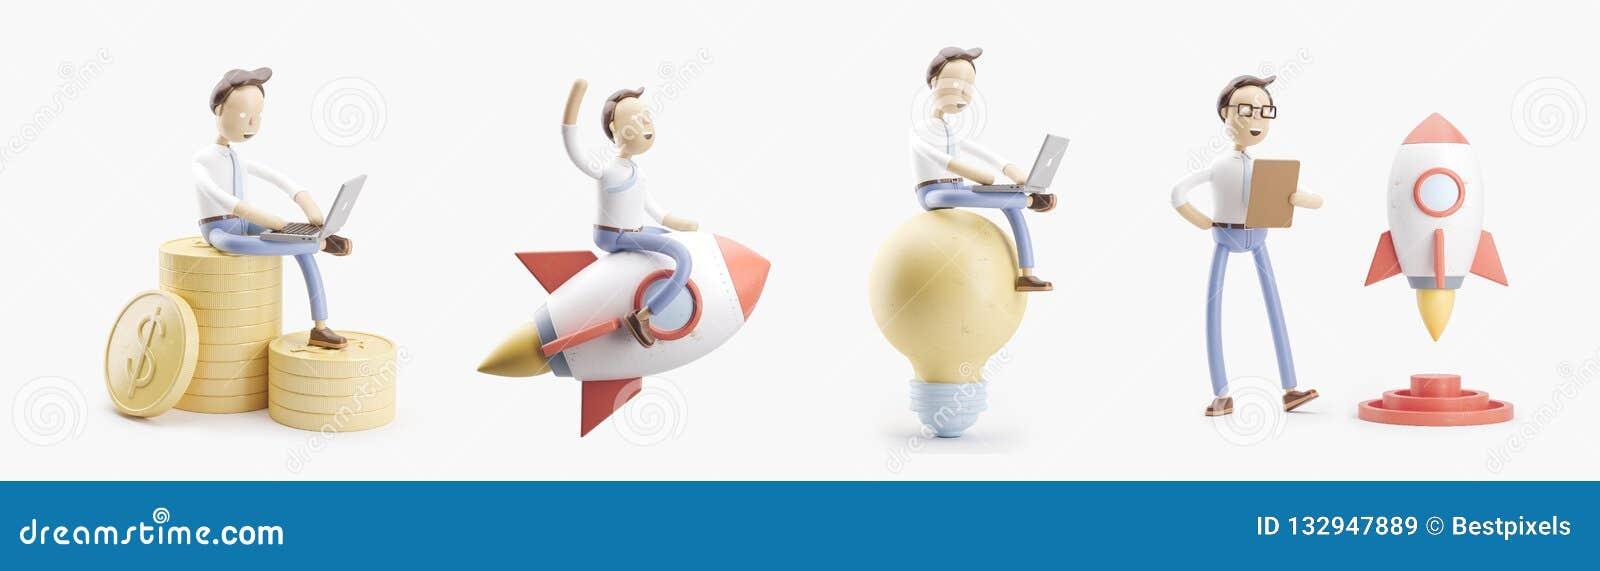 O personagem de banda desenhada voa em um foguete no espaço Grupo das ilustrações 3d conceito da partida do ind da faculdade cria